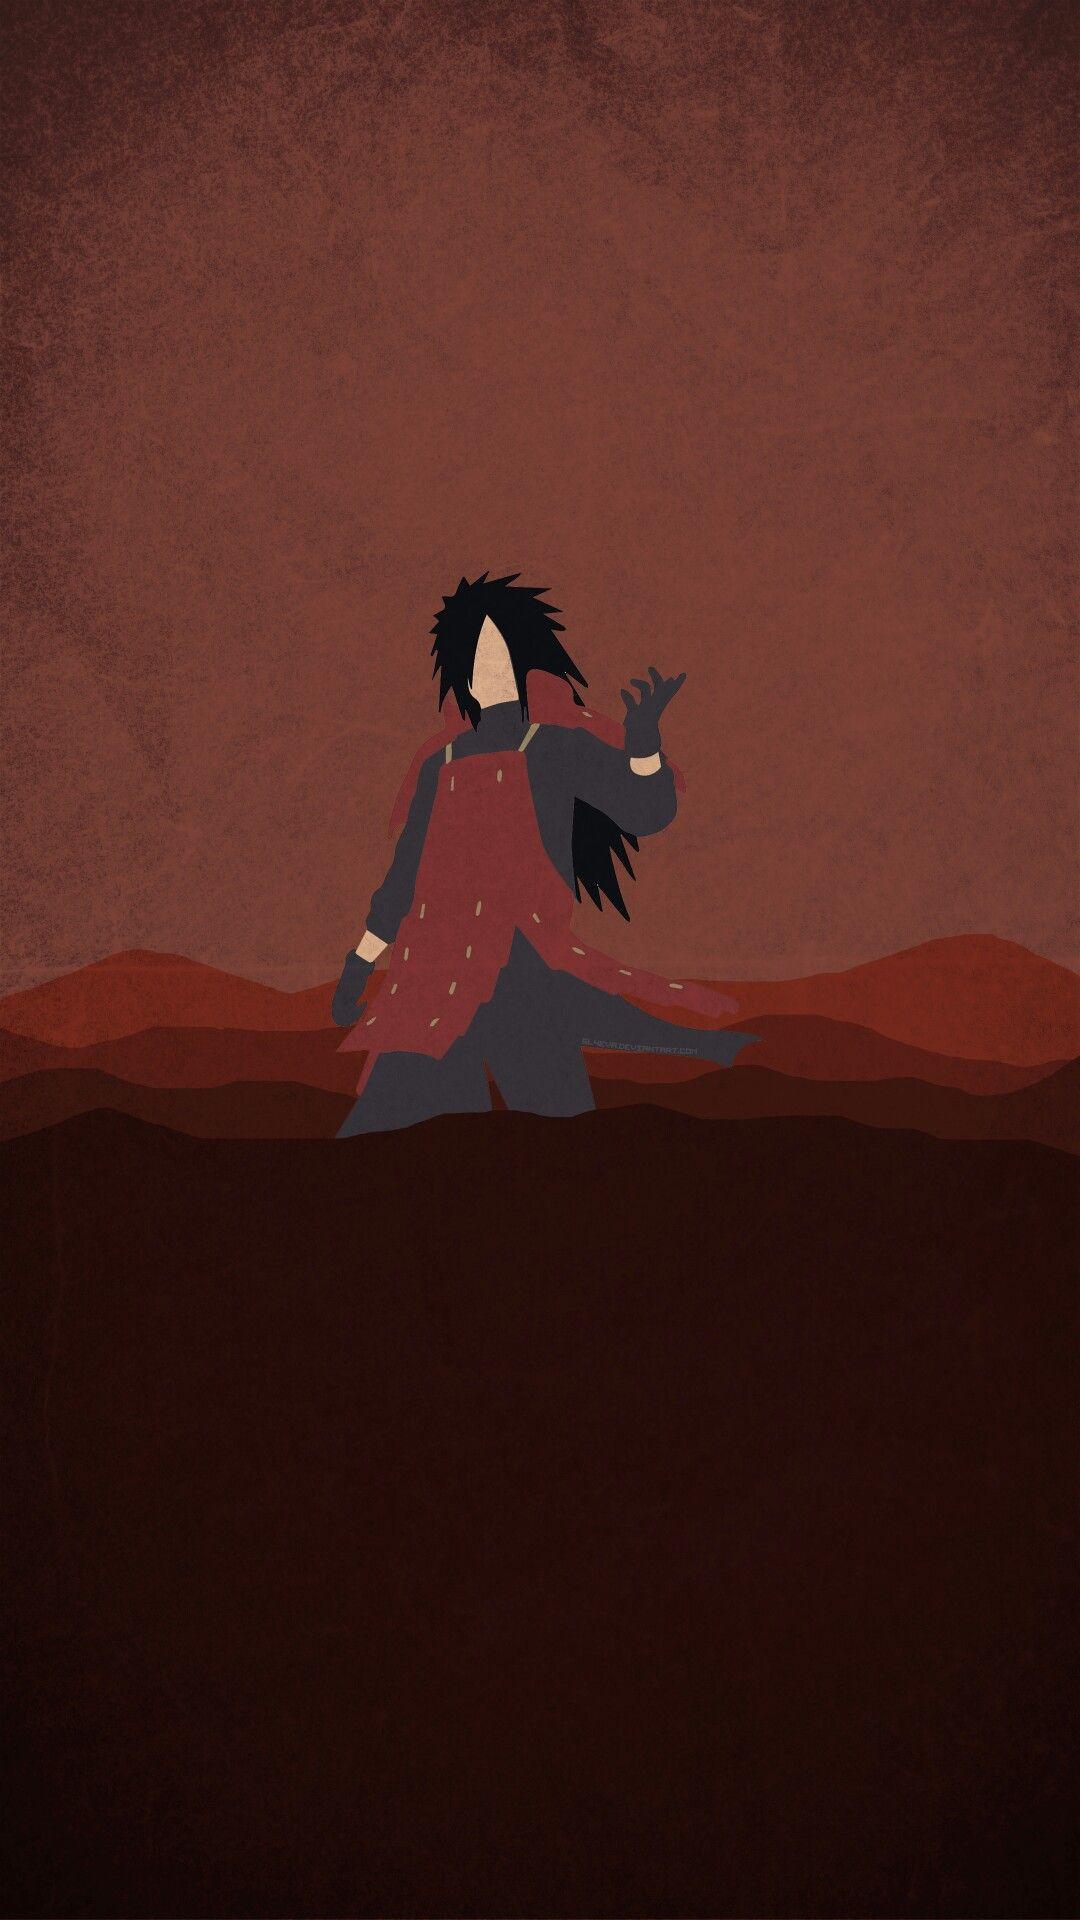 Naruto Itachi Uchiha Wallpapers - Top Free Naruto Itachi ...